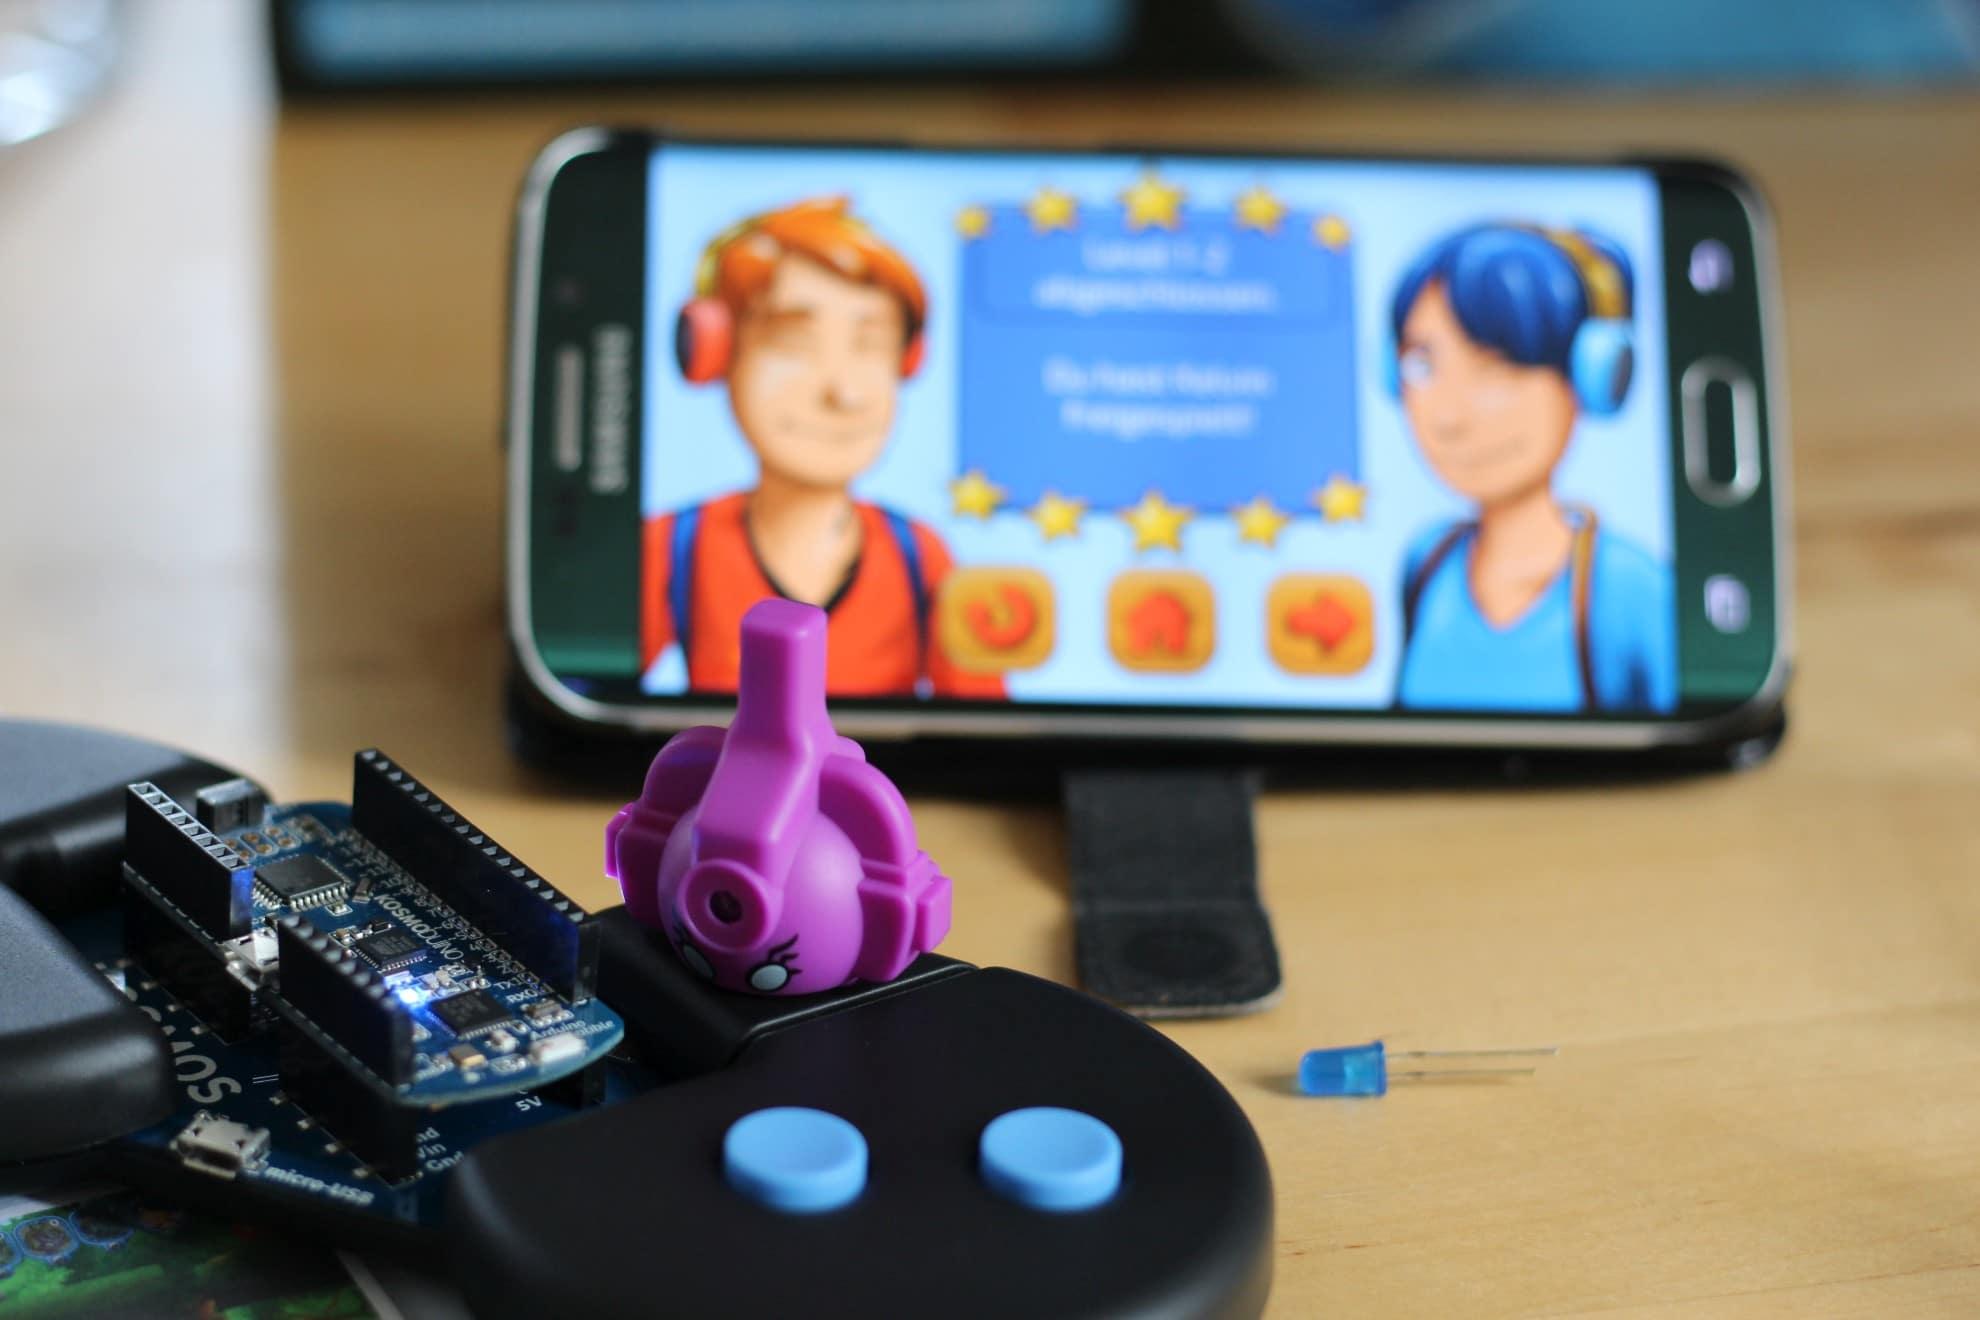 Die farbigen Sensoren wechselt ihr passend zum Spielgeschehen. (Foto: Sven Wernicke)